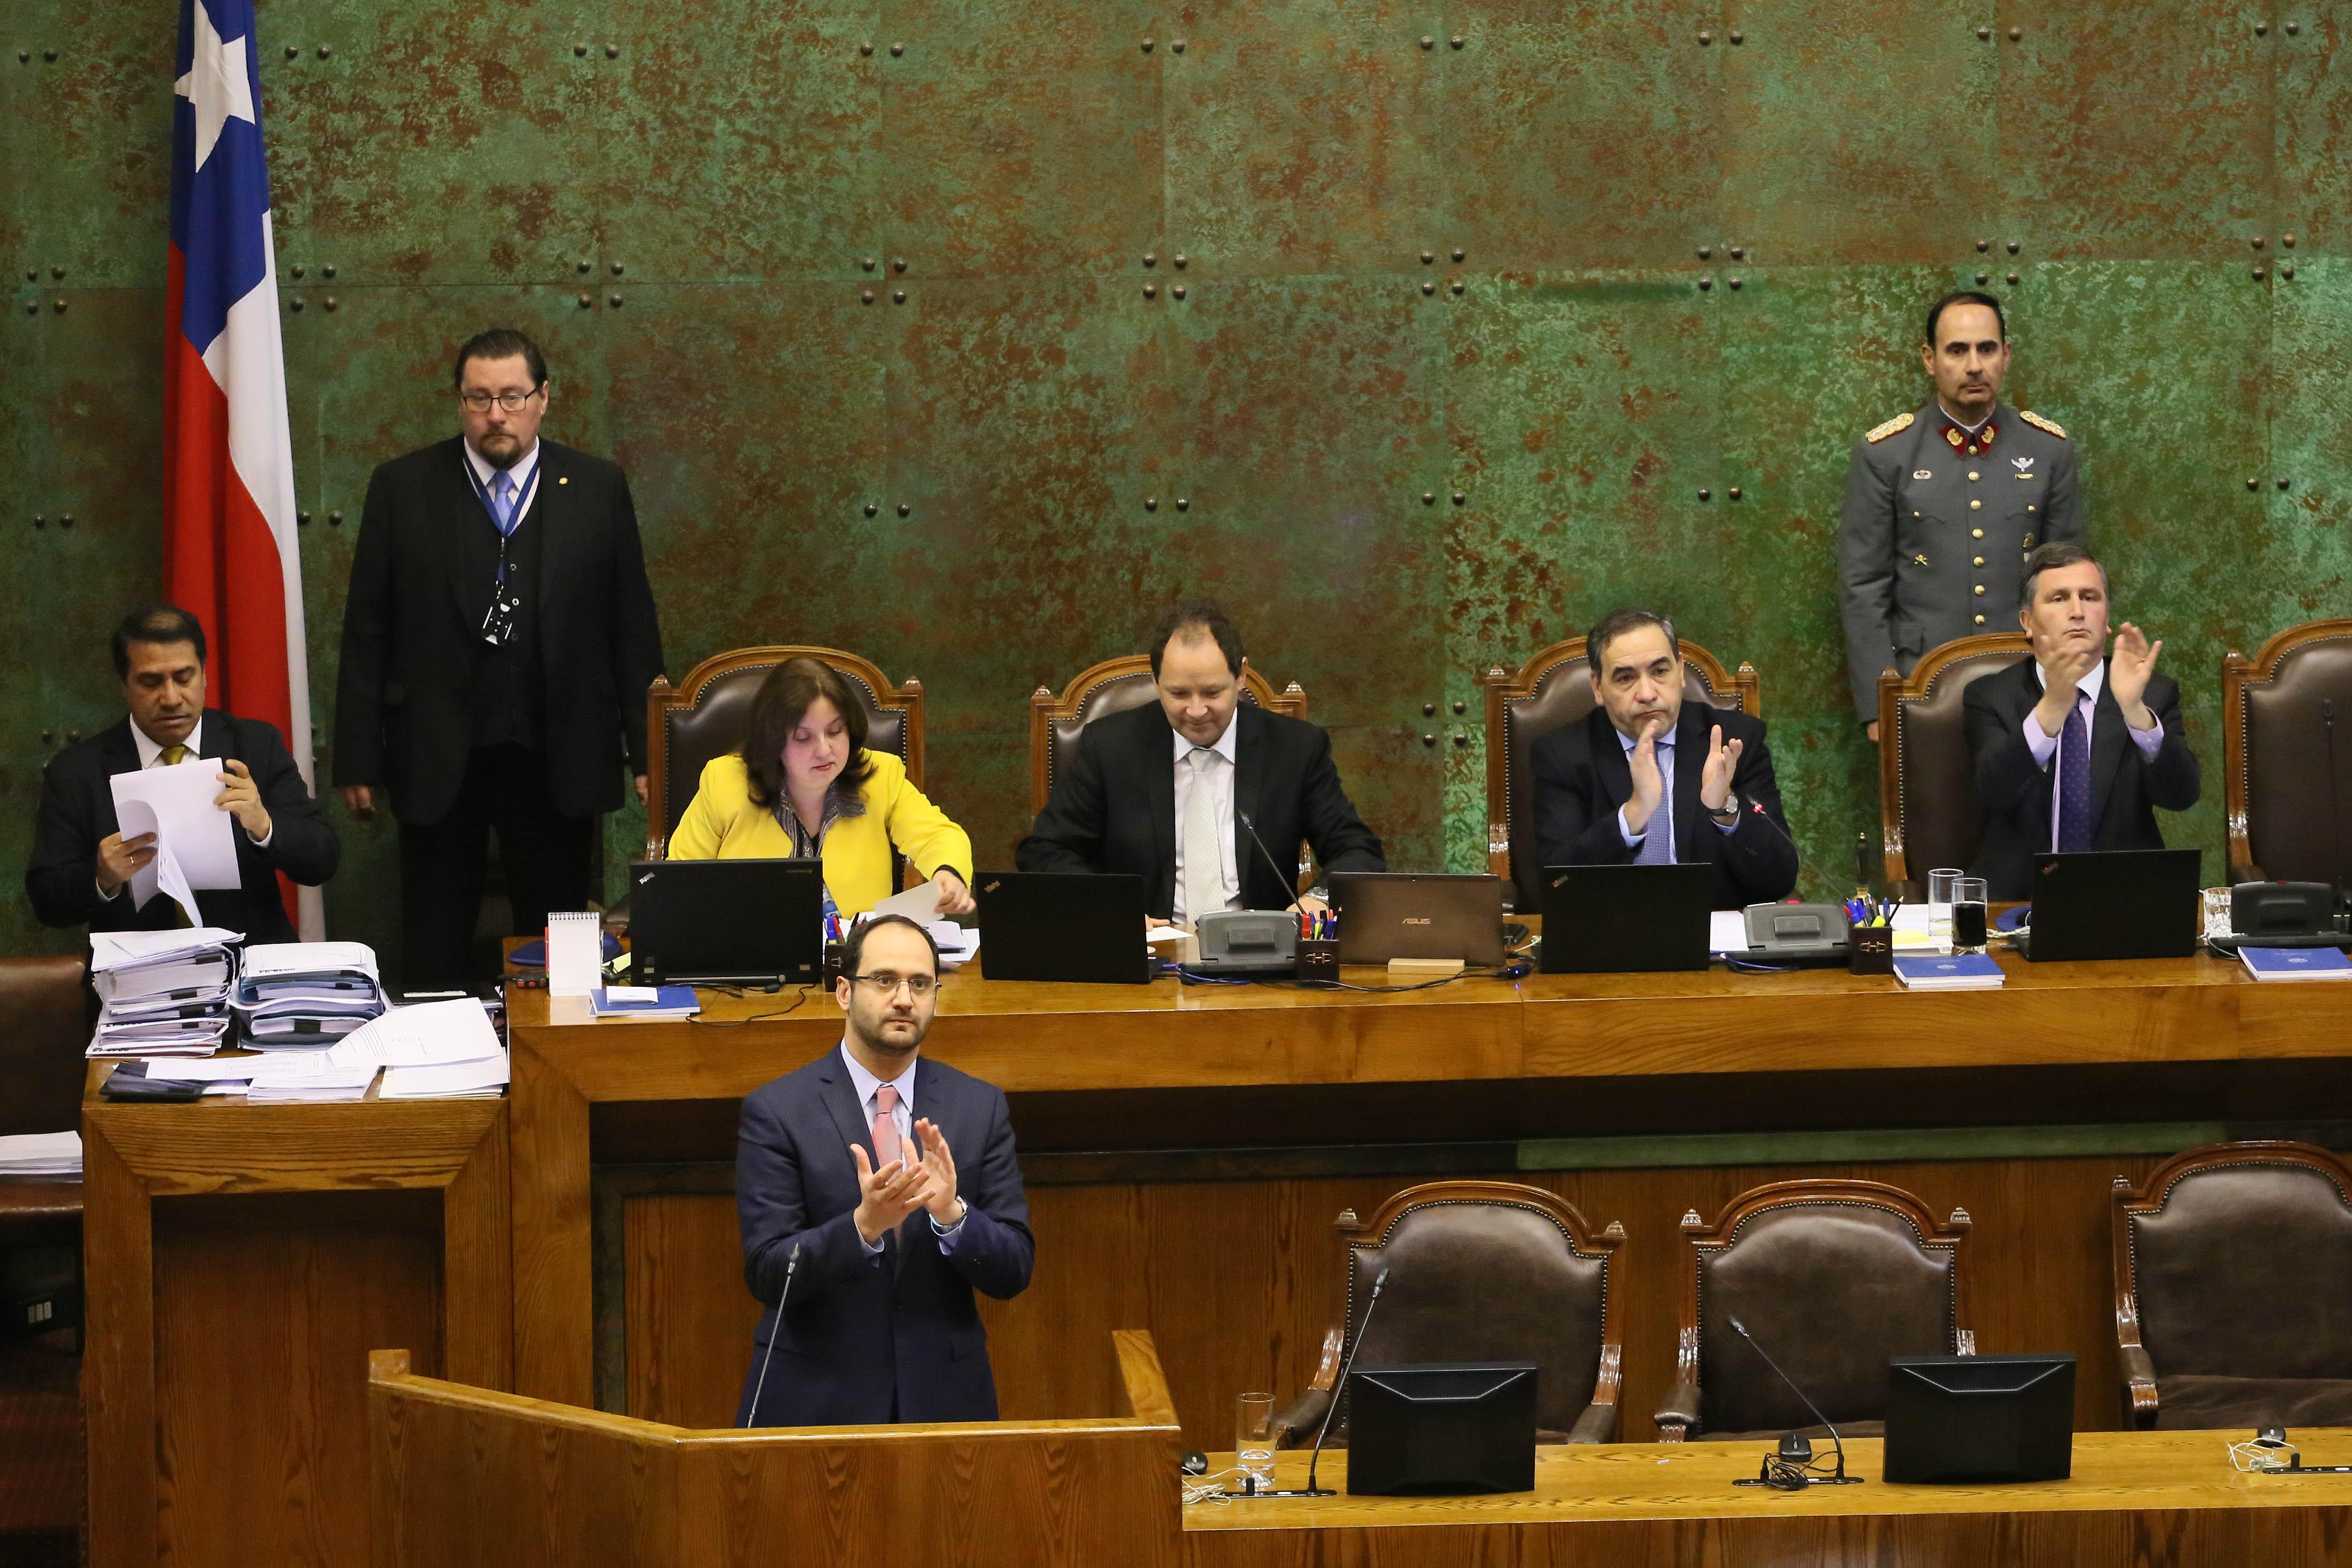 Diputado Kort homenajea en la Cámara de Diputados a la ciudad de Rancagua en su 274° aniversario